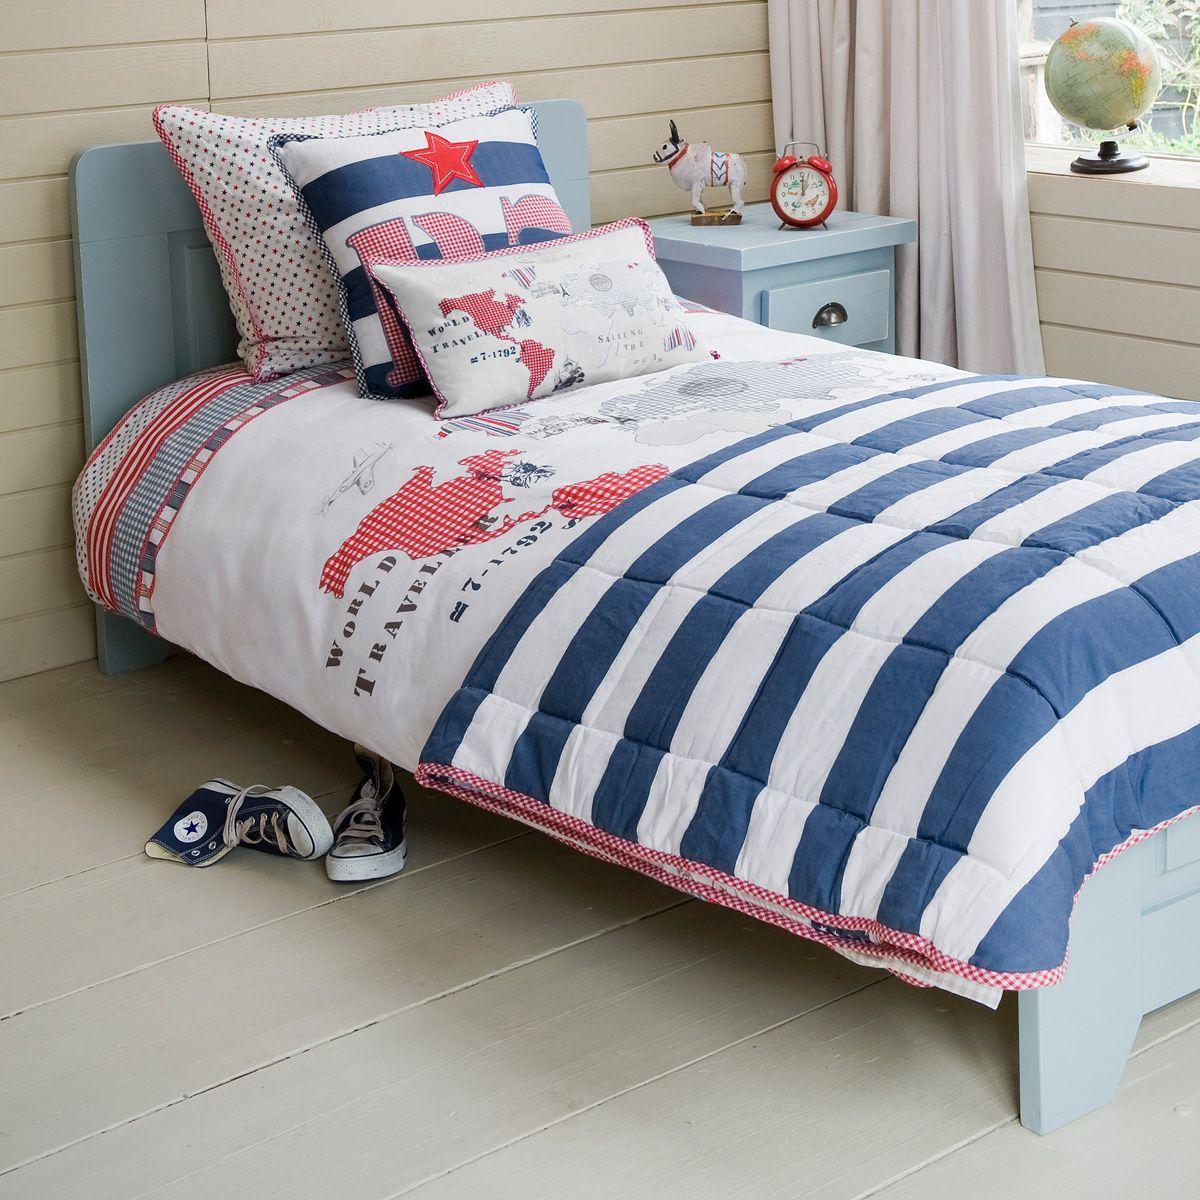 Bettwäsche \'Weltkarte\' Standardgröße von Room Seven | Home ...